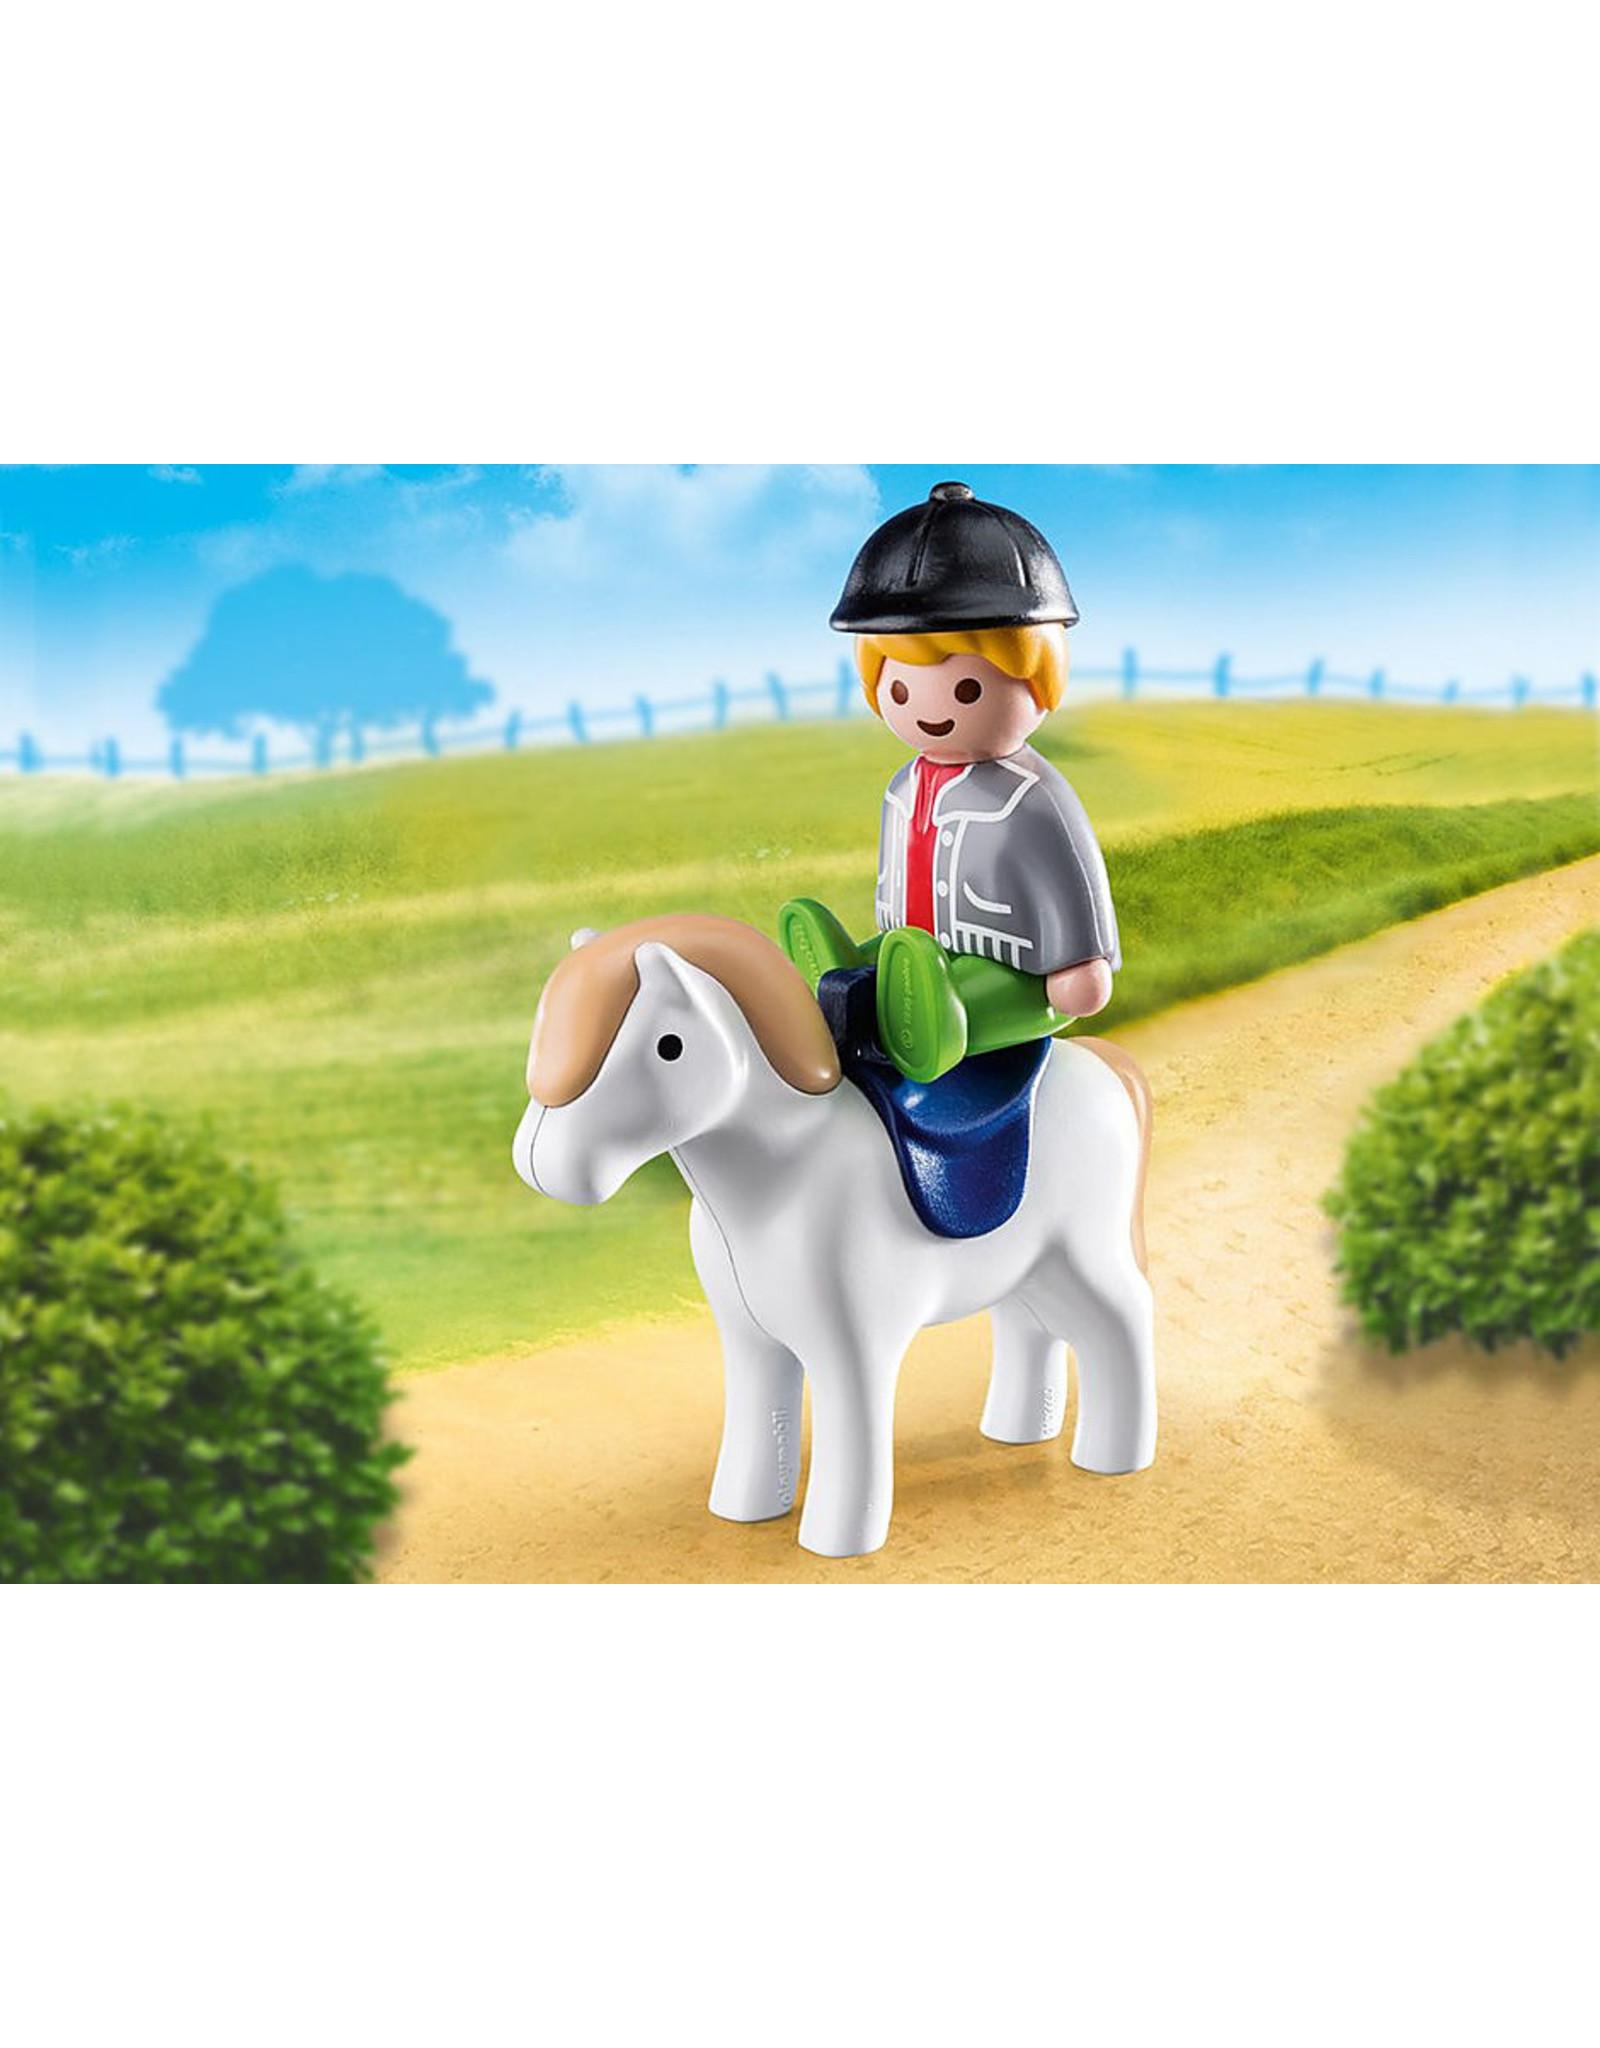 Playmobil Boy with Pony